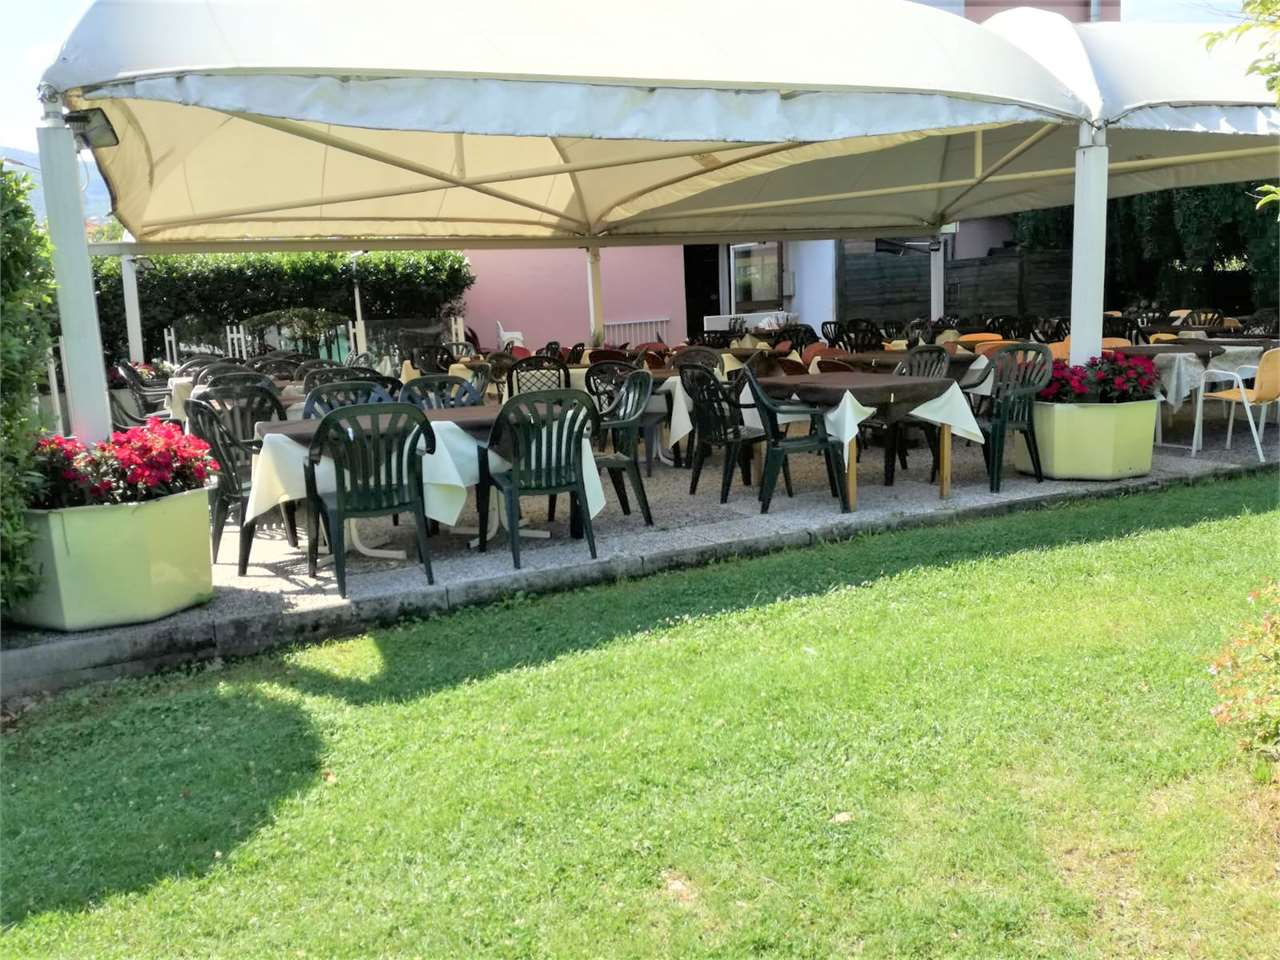 Foto attivit� commerciale in vendita a Rovereto (Trento)